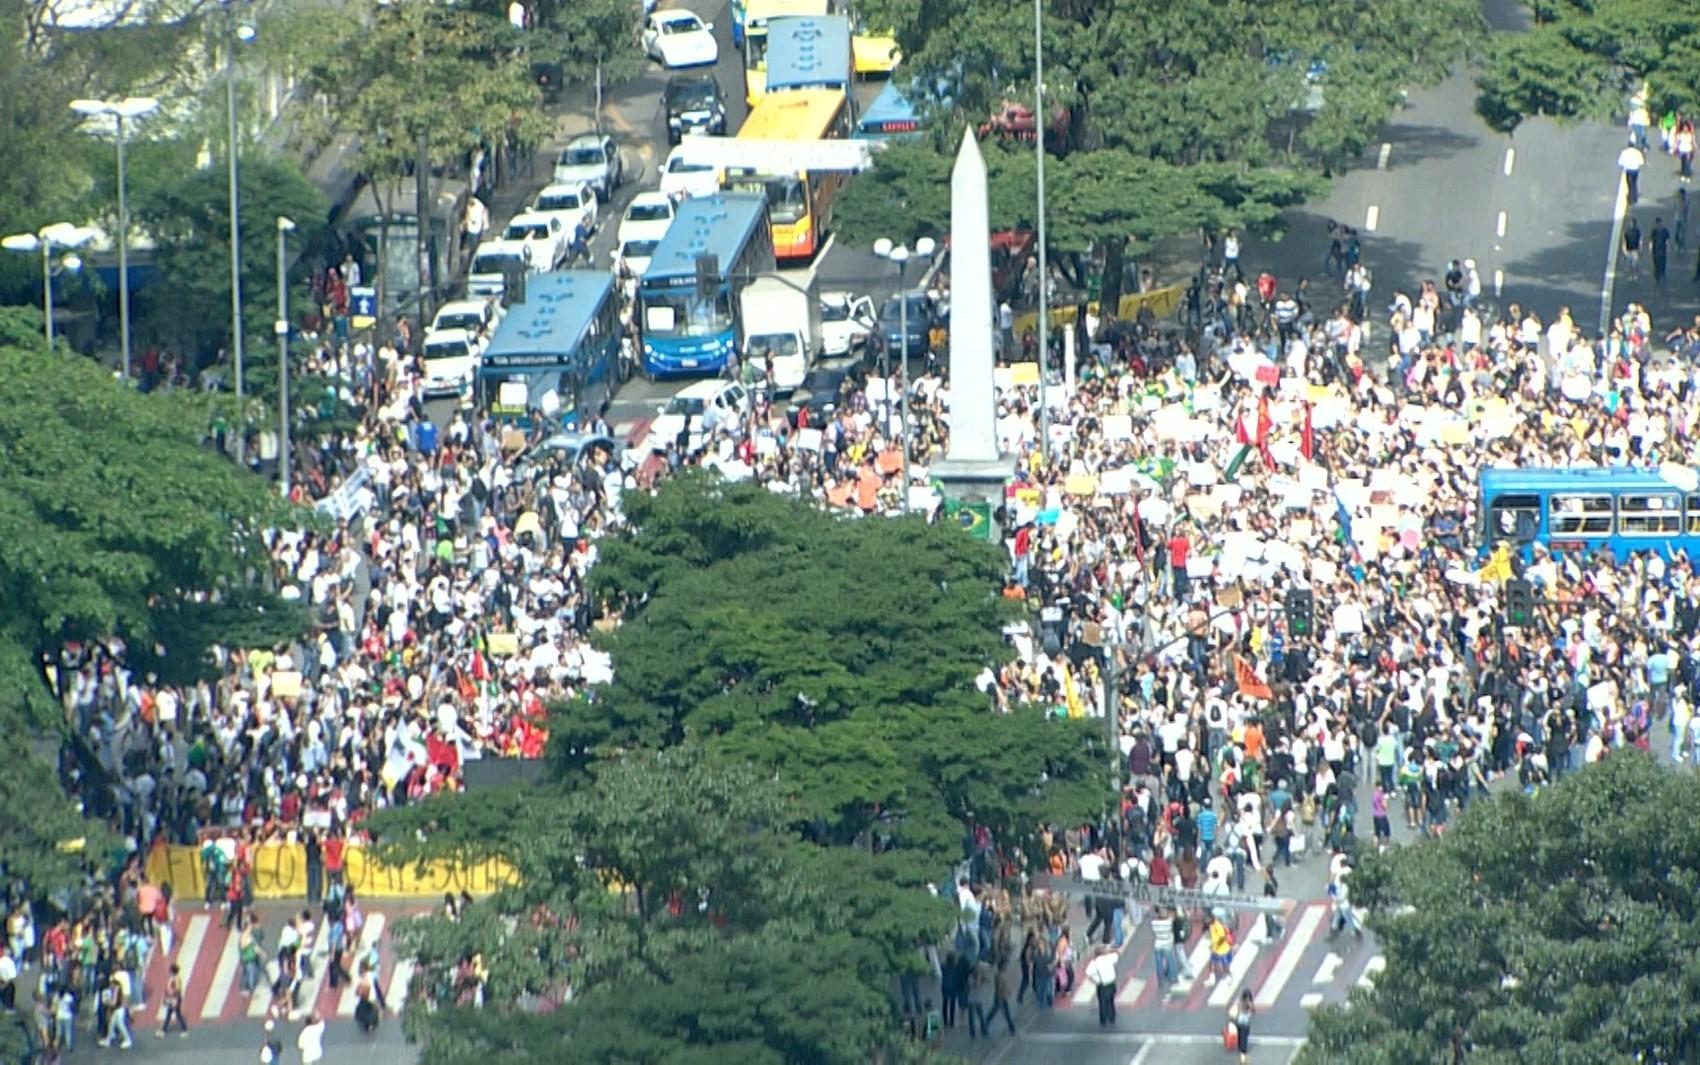 Manifestação na Praça Sete, no Centro de Belo Horizonte. (Foto: Reprodução/TV Globo)